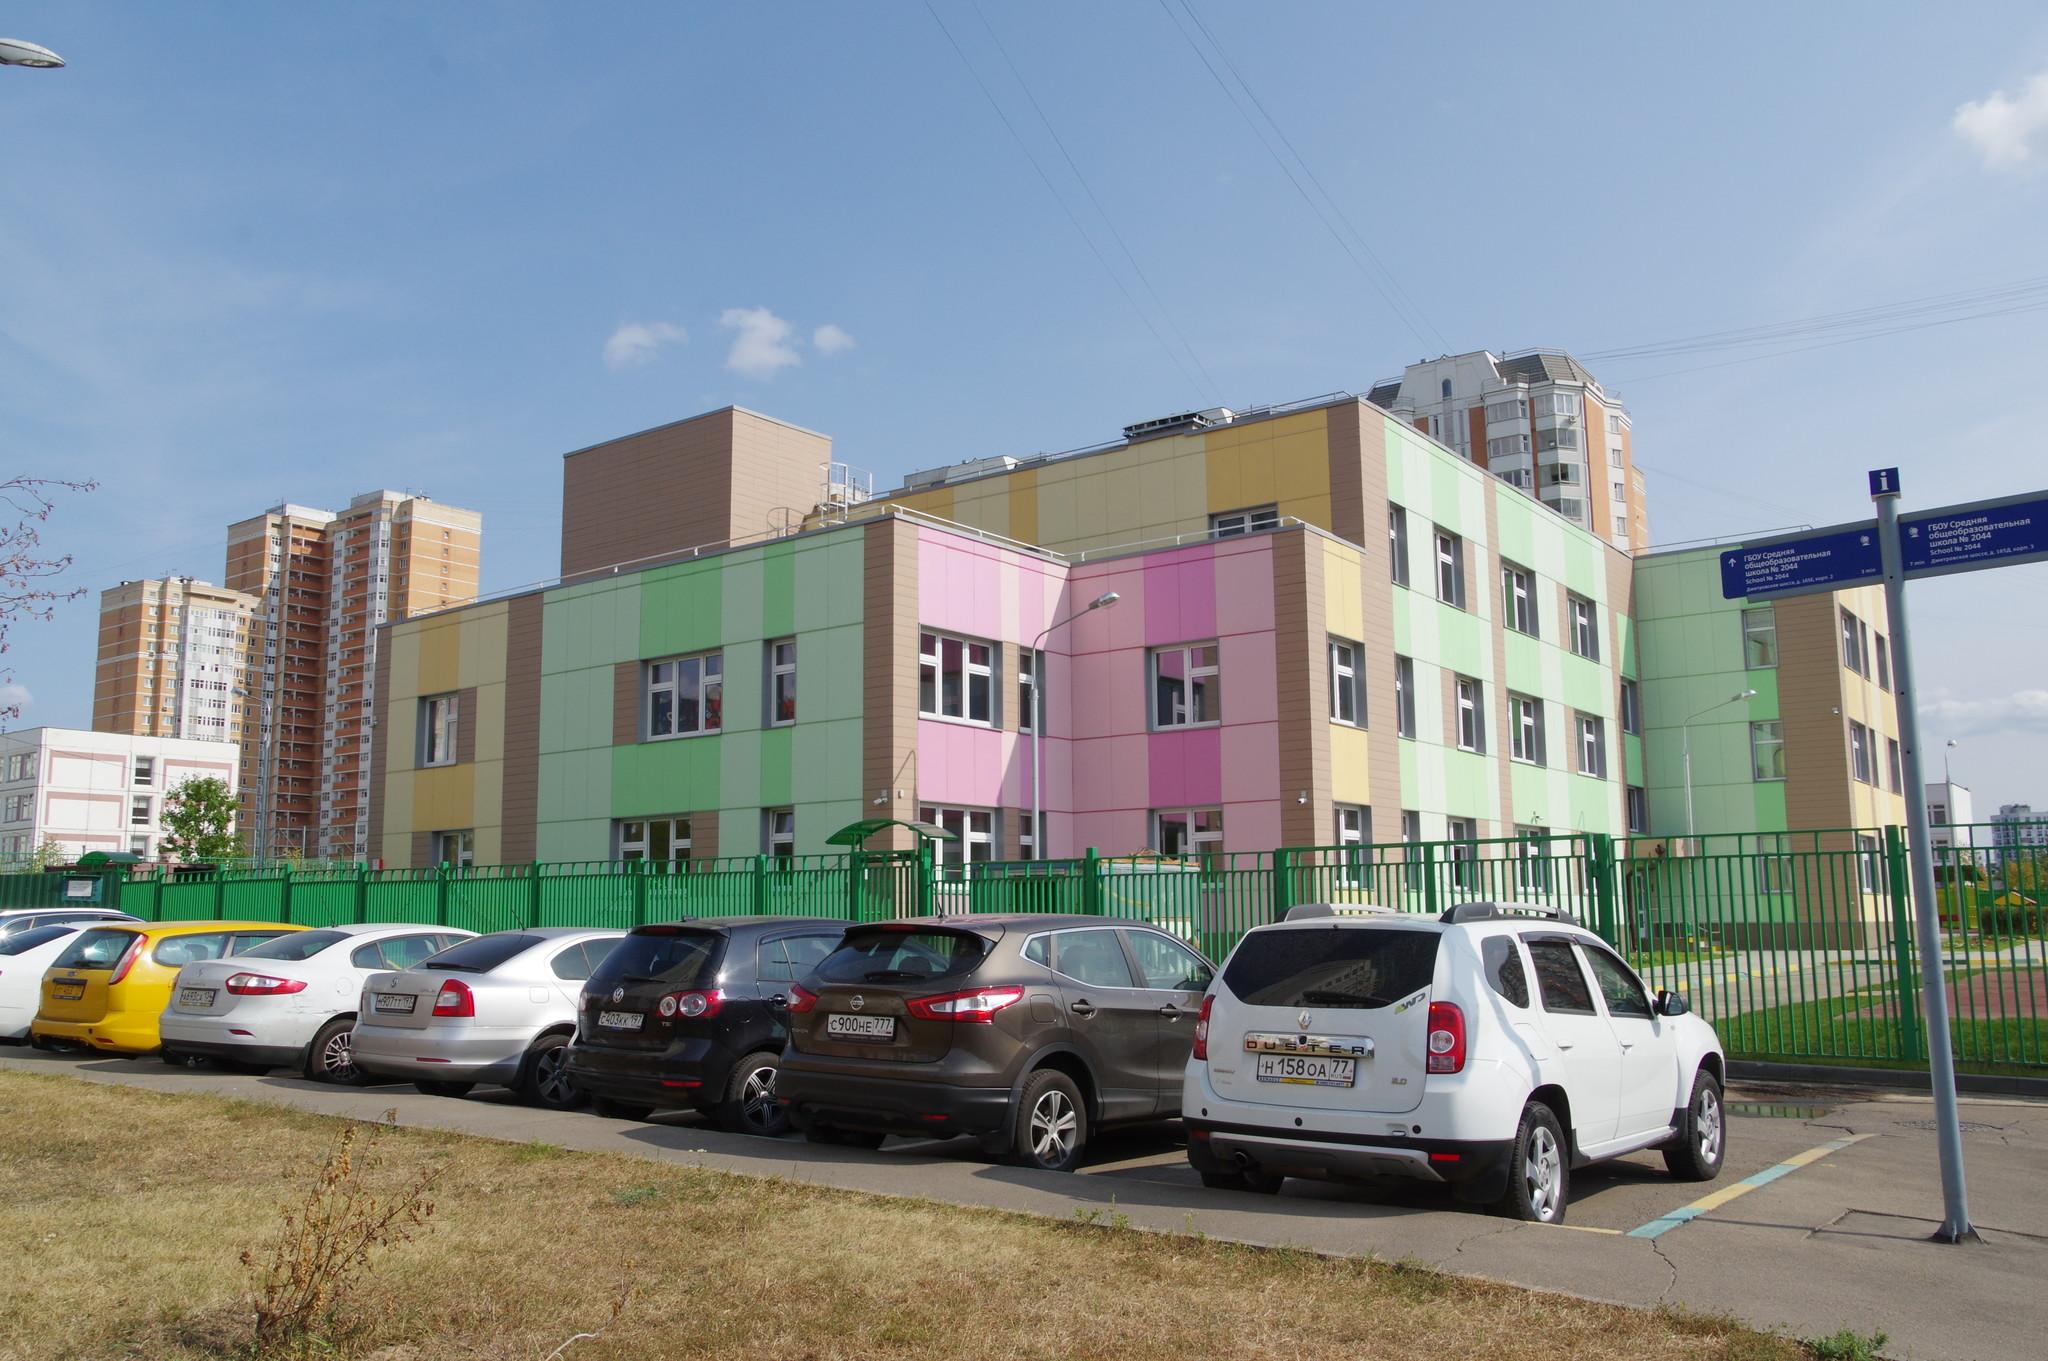 Детский сад на 200 мест (Дмитровское шоссе, вл. 165, корп. 5)